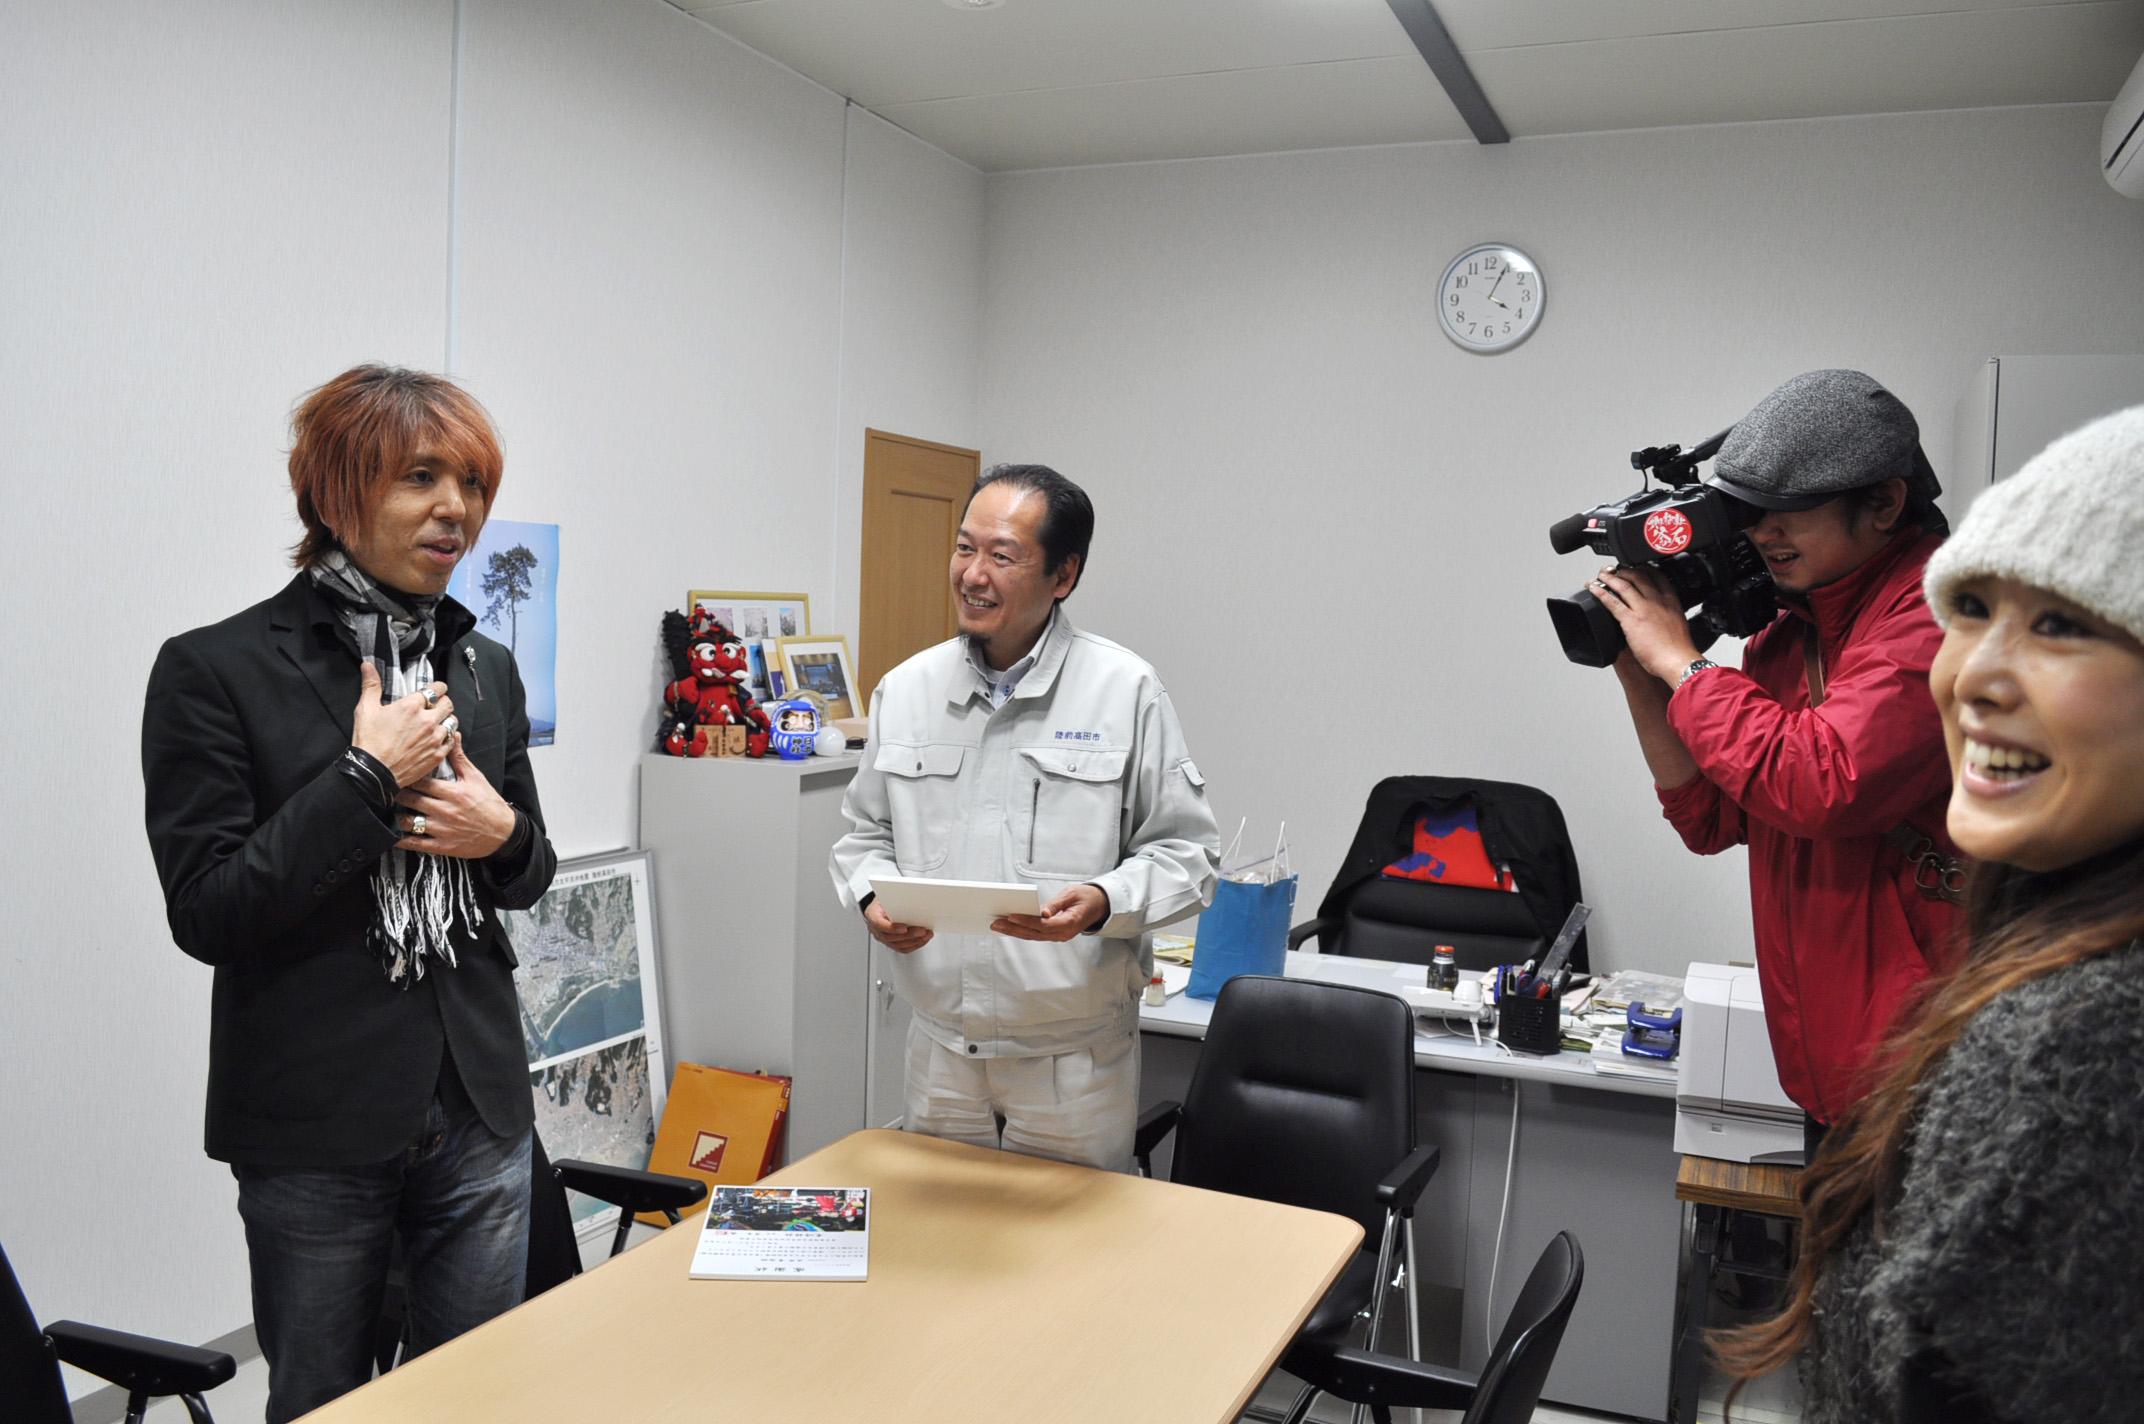 http://www.kickbackcafe.jp/support2/report/jjjj.JPG